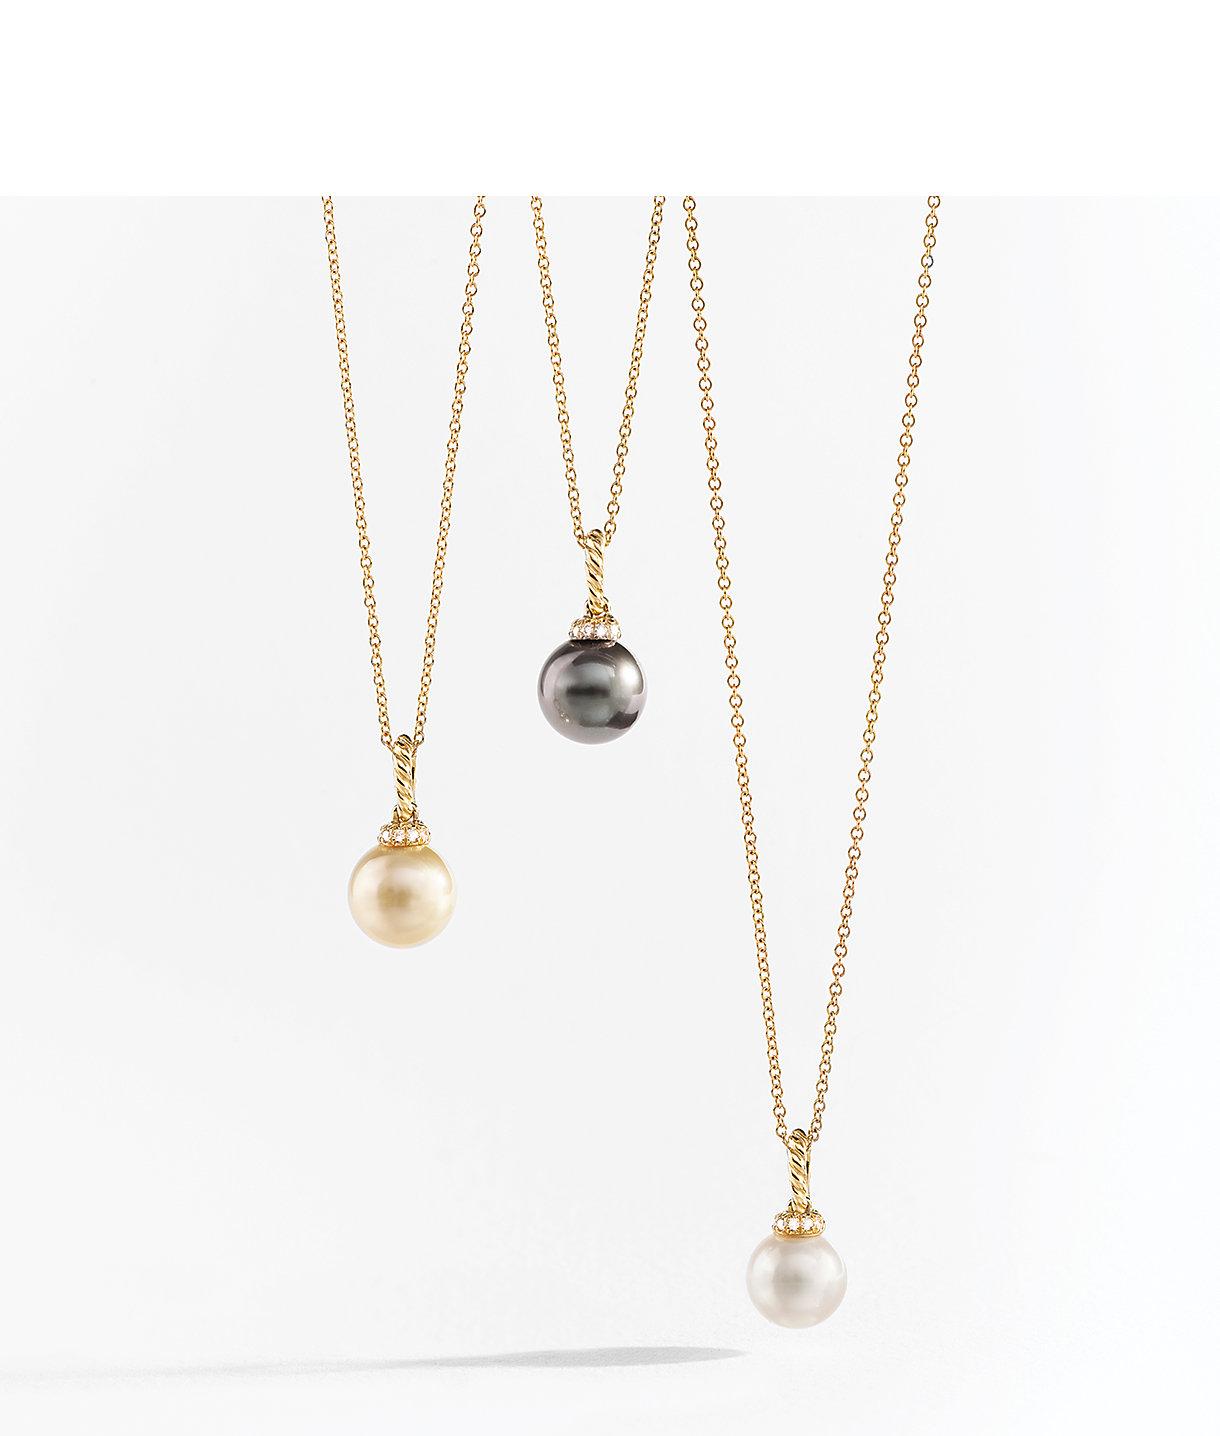 18k黄金Solari珍珠项链